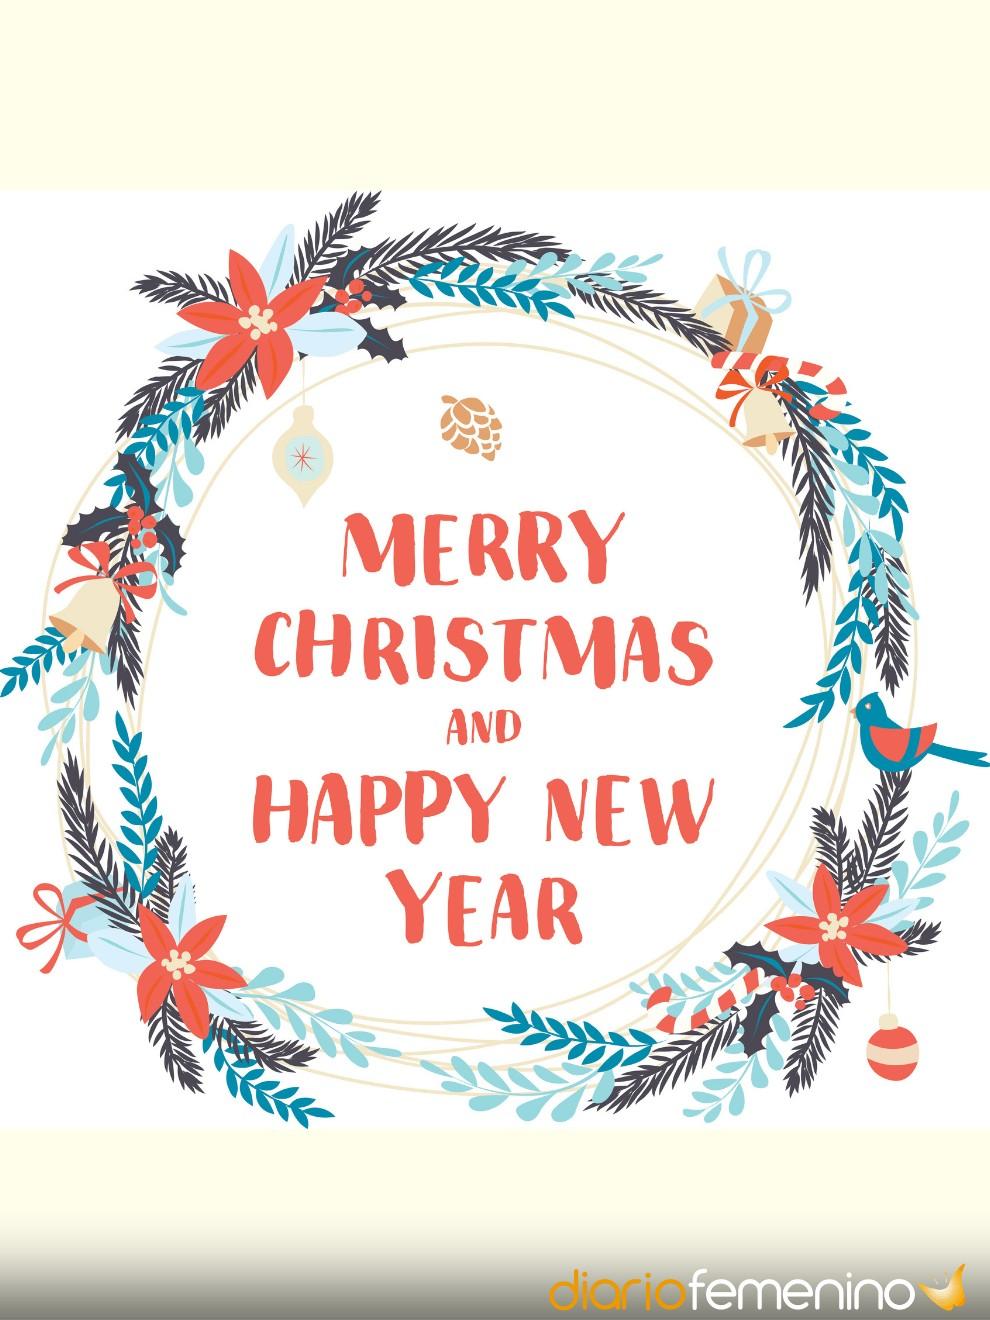 Felicita la Navidad a tu familia en inglés con este hermoso christmas